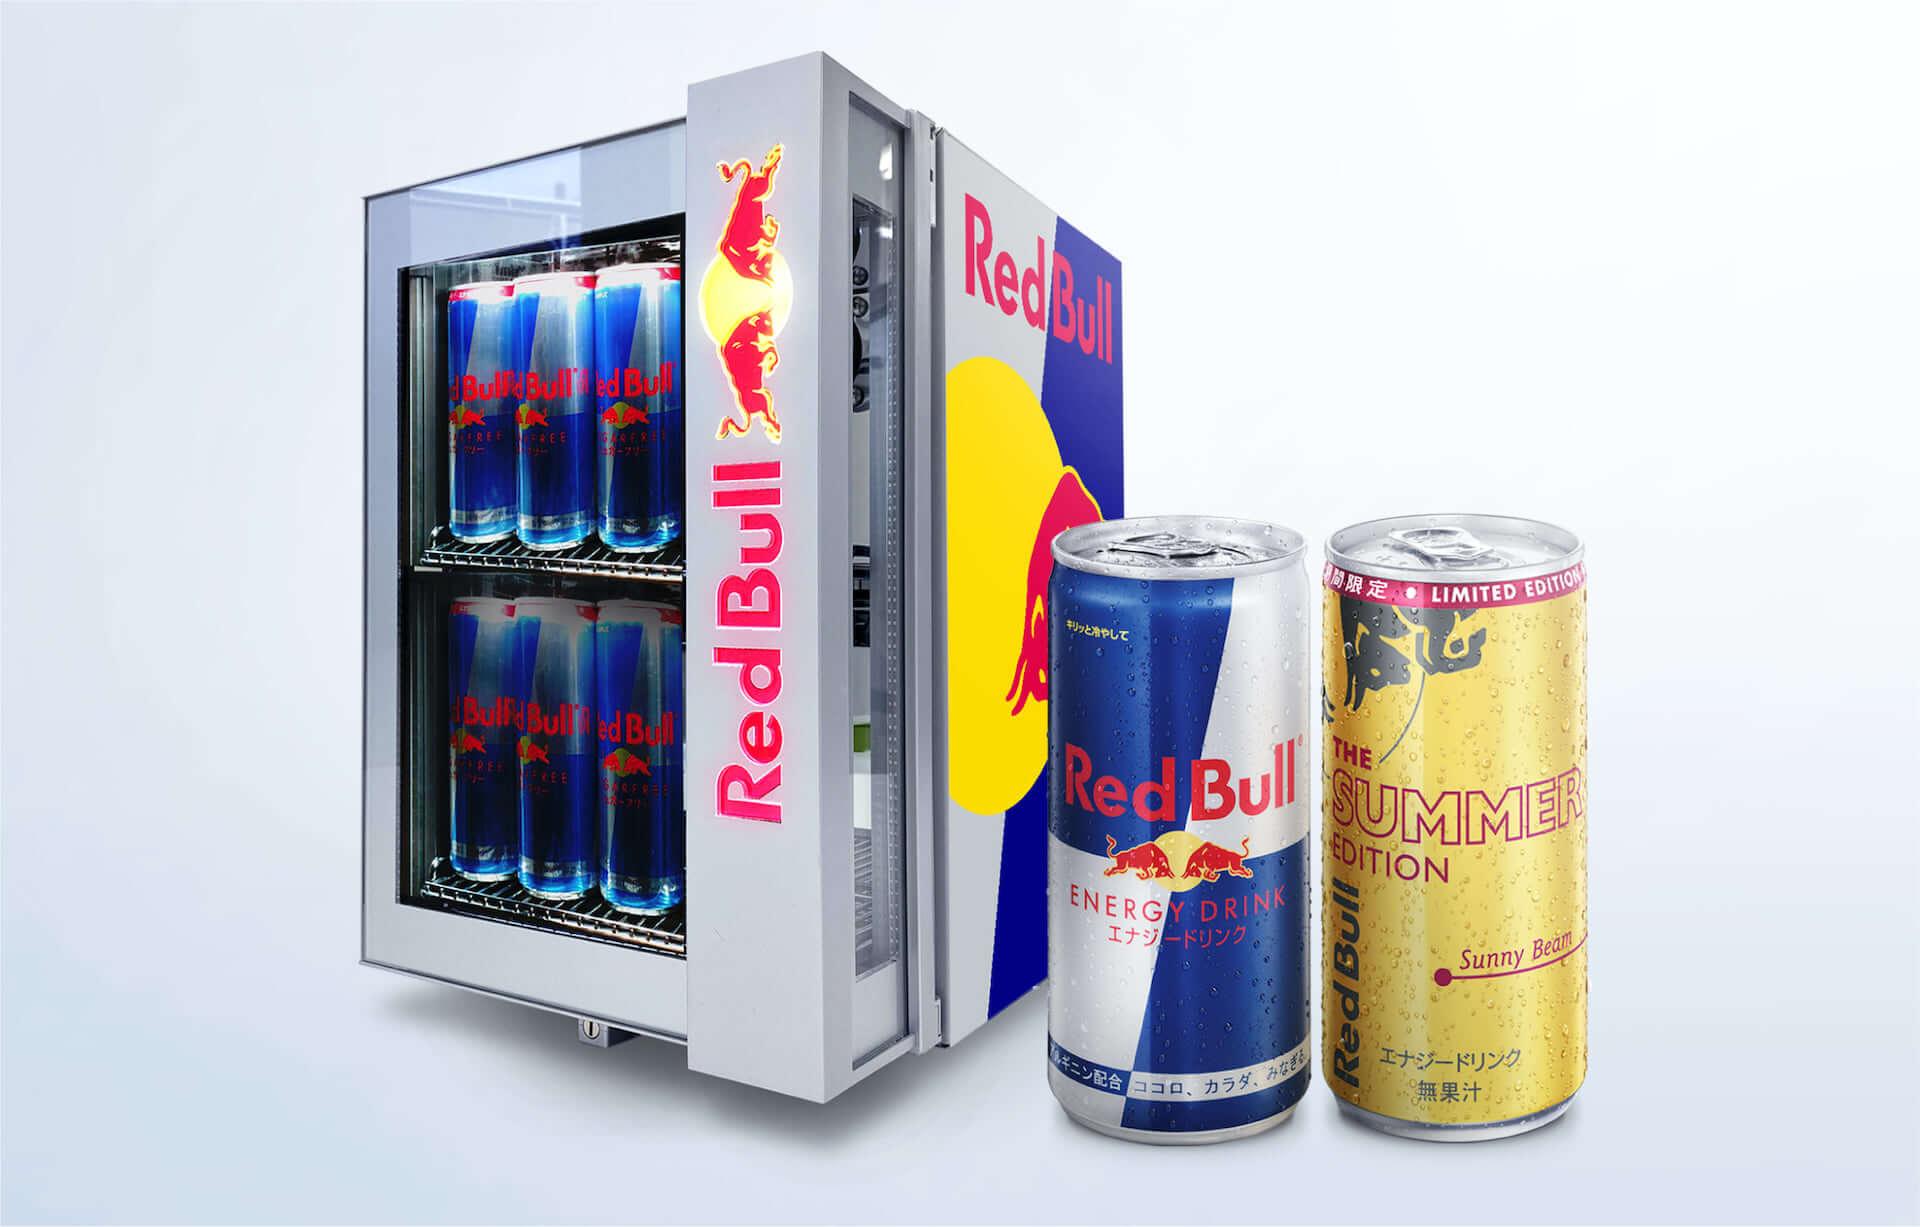 高級自転車やポラロイドカメラ、イヤホンなどが当たるレッドブルのキャンペーン「Red Bull I CAN」が始動!エリーローズ、五十嵐カノアら出演ムービーも公開 art200630_redbull-ican_1-1920x1227